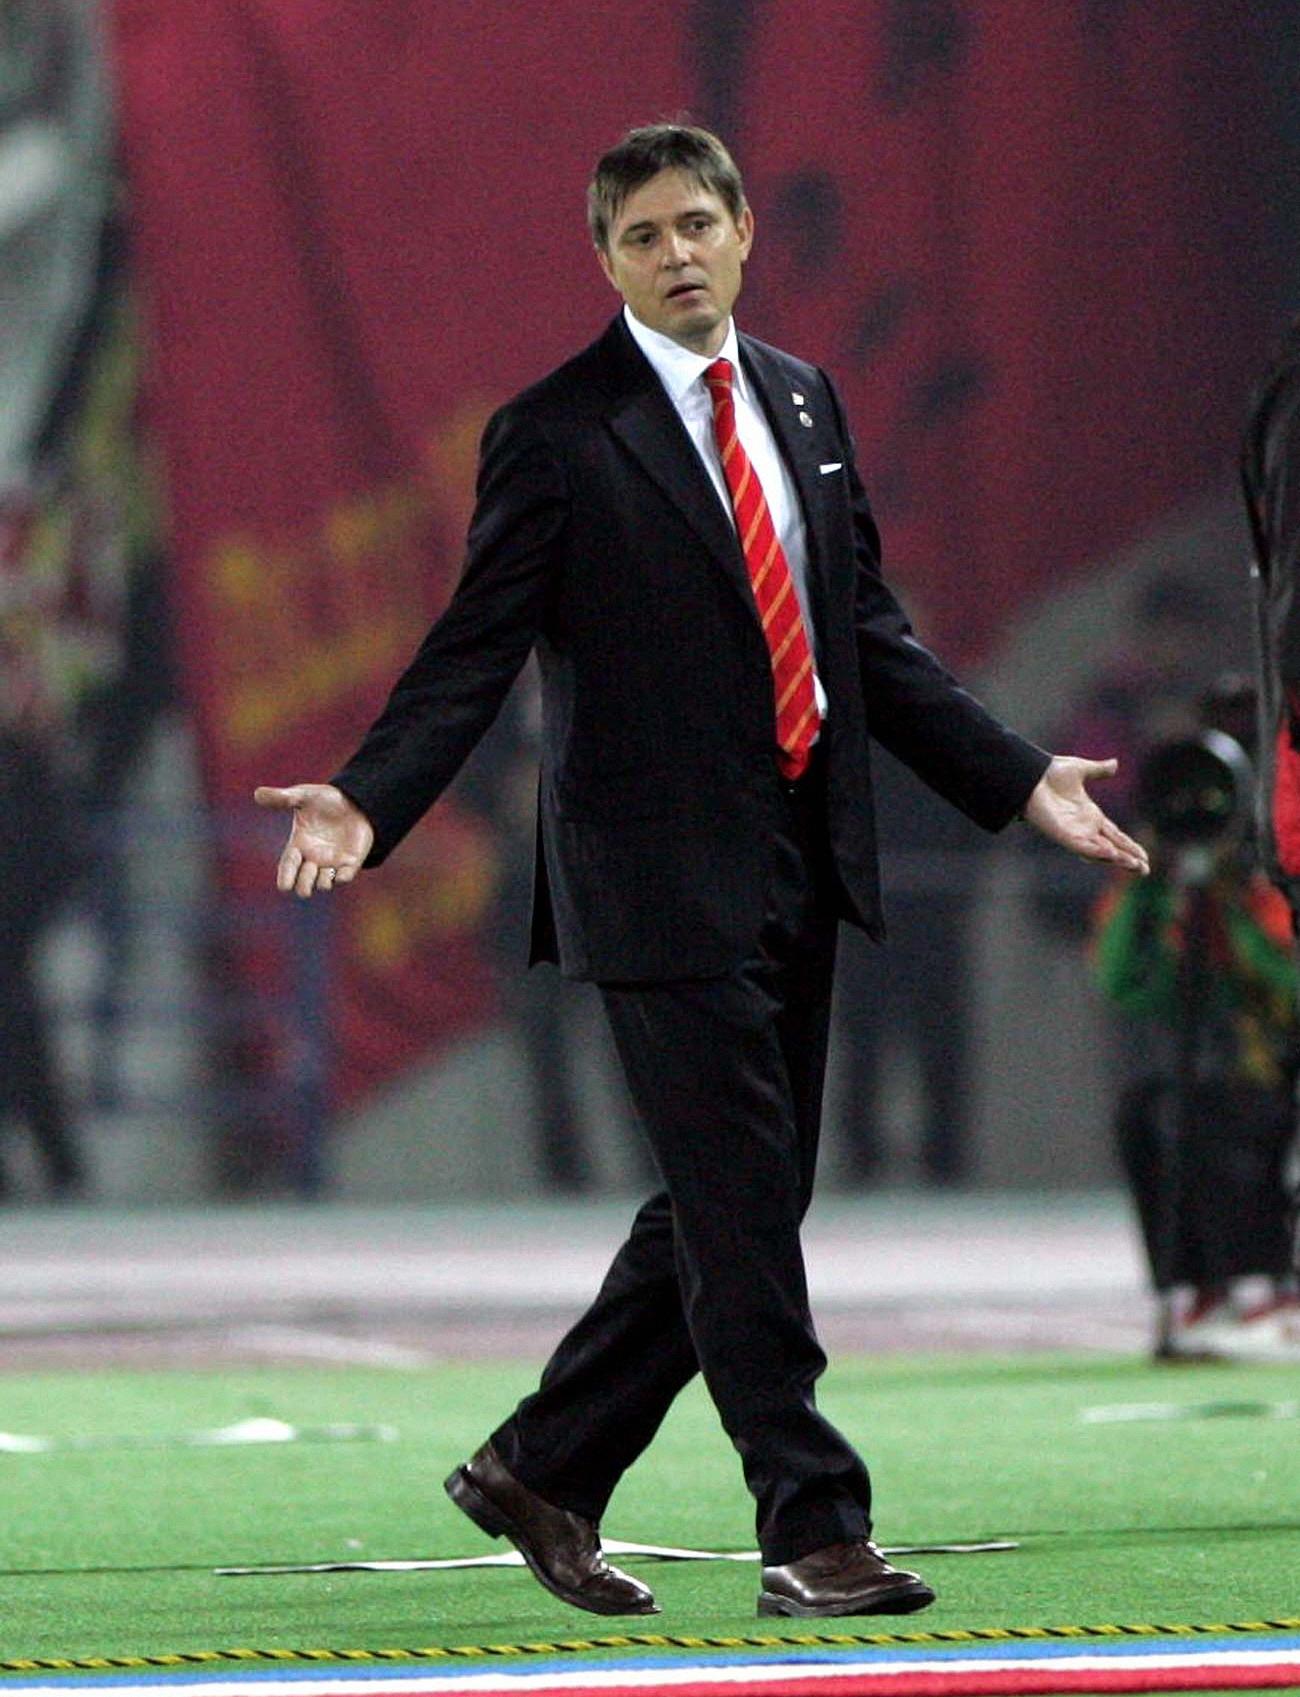 横浜対名古屋 後半 退席を命じられピッチを去る名古屋ドラガン・ストイコビッチ監督(2009年10月17日撮影)